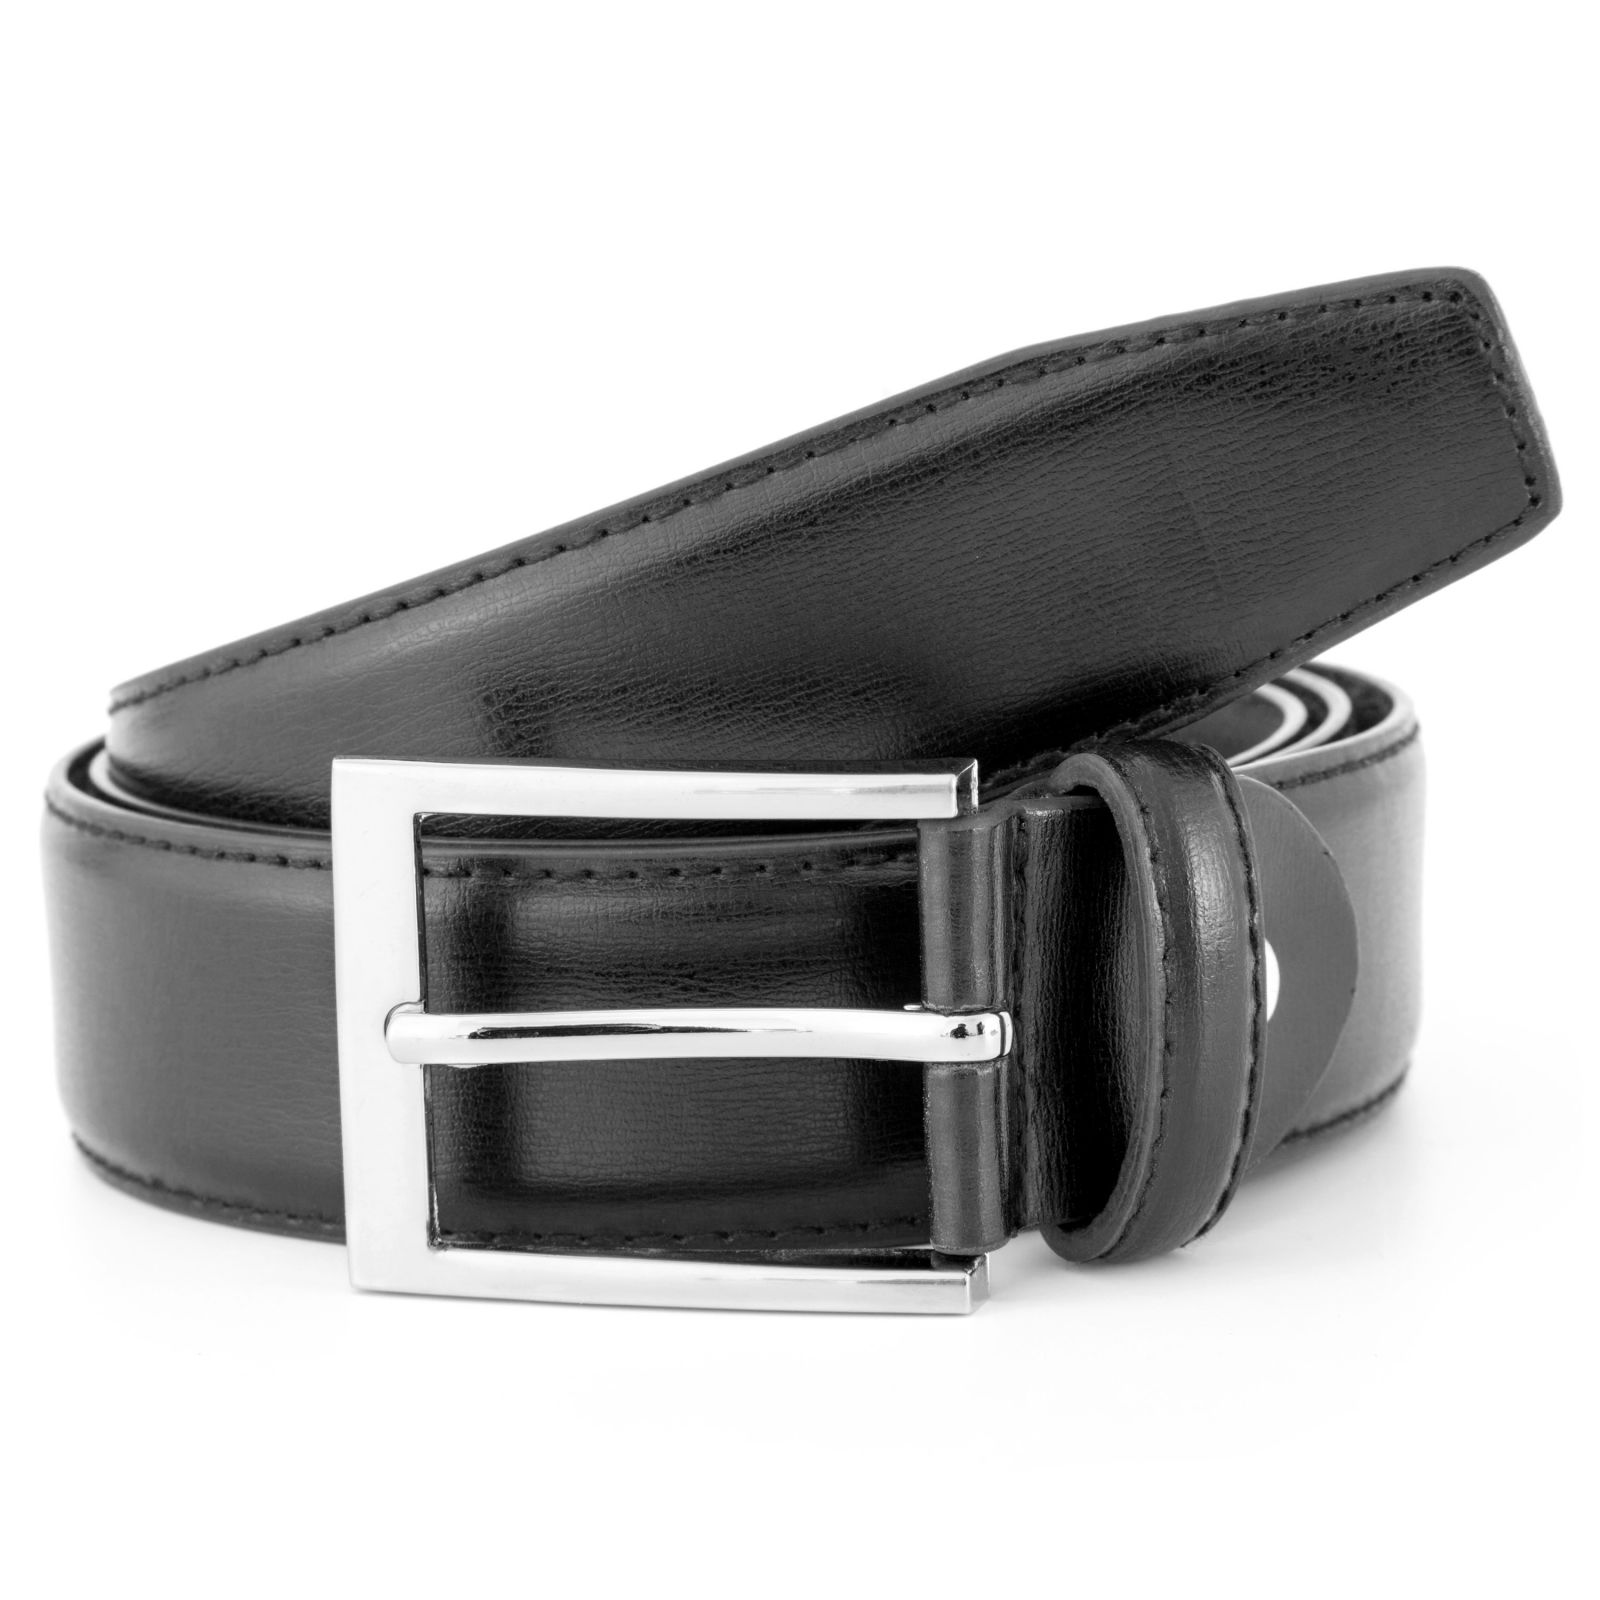 e6f2179bf8 Cintura in pelle nera basic con fibbia argento | Disponibile! | Collin Rowe